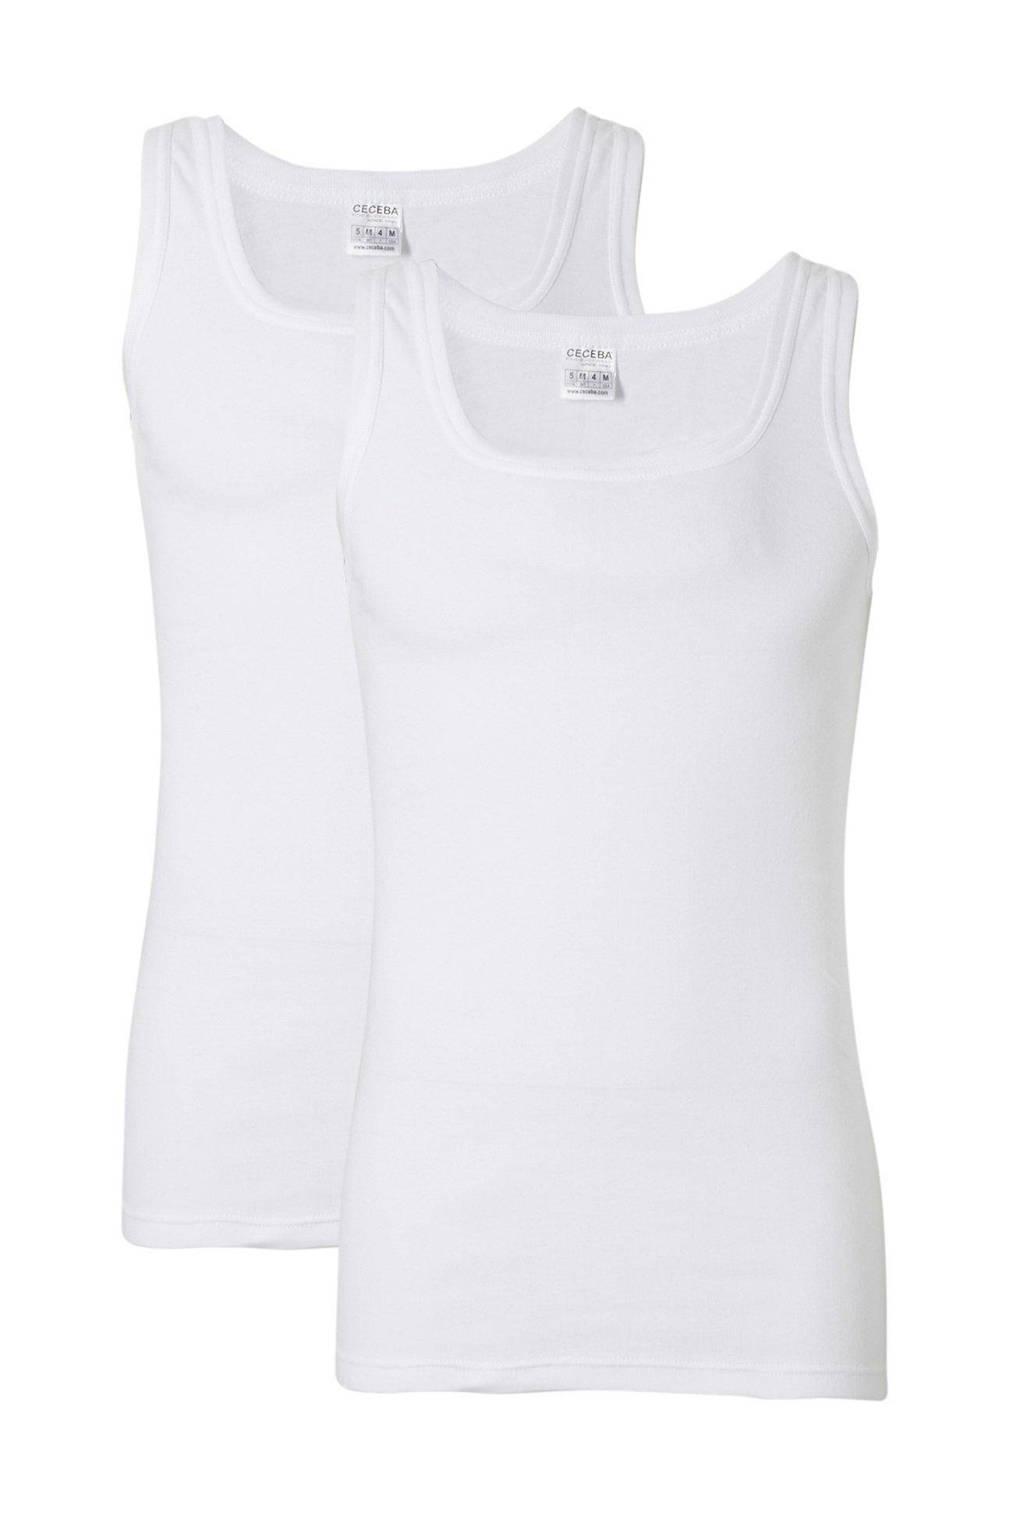 Ceceba +size hemd (set van 2), Wit